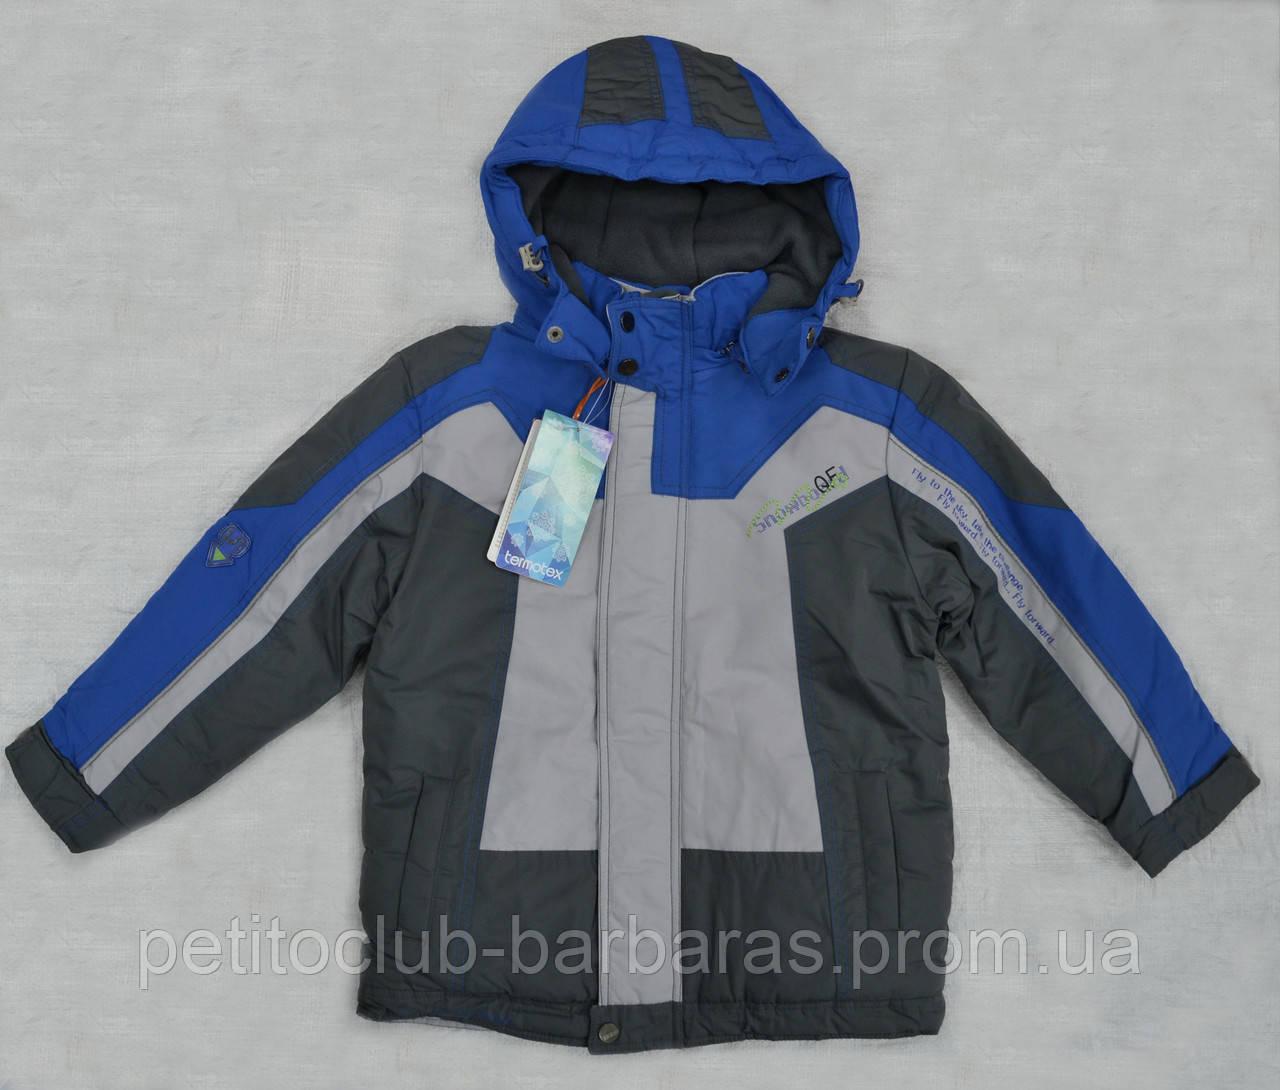 Детская зимняя куртка Snowboarding серо-голубая (QuadriFoglio, Польша)